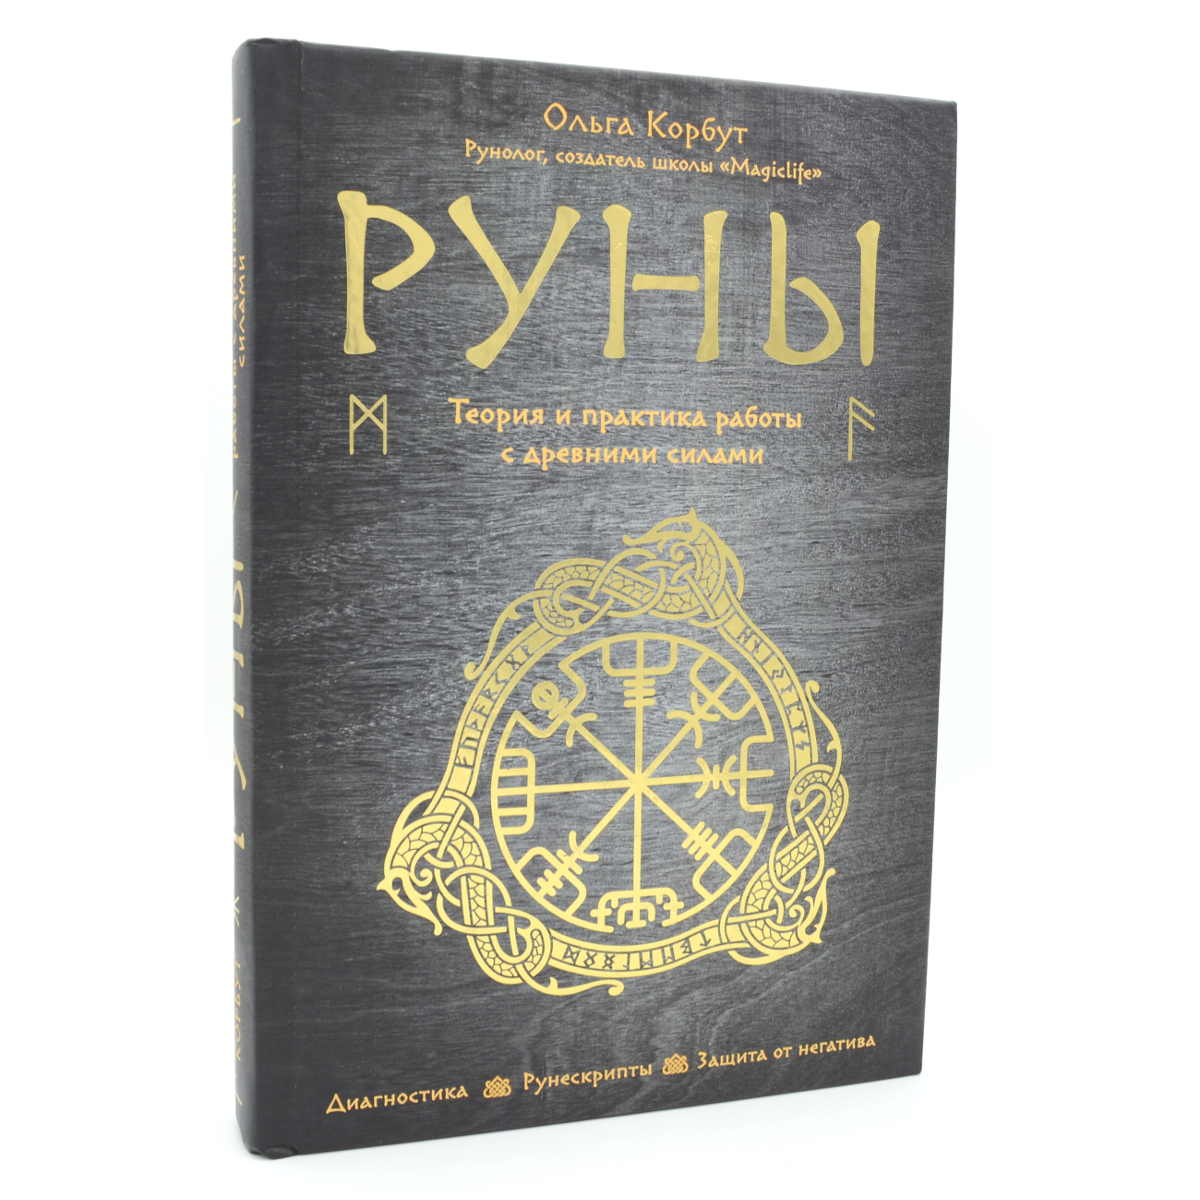 Книга Руны. Теория и практика работы с древними силами (Кобрут Ольга)